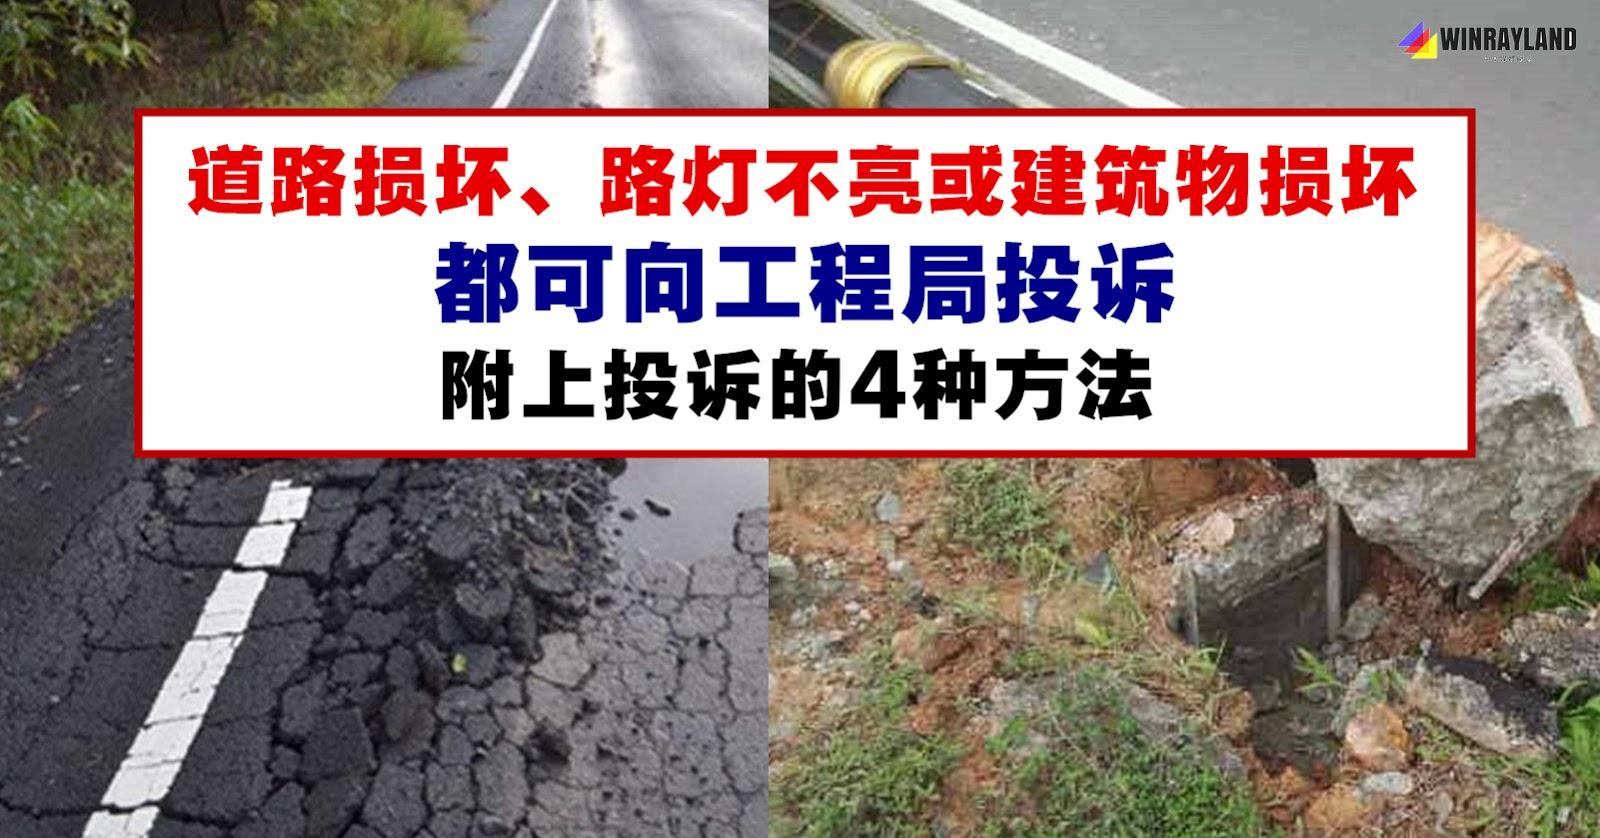 道路损坏、路灯不亮或建筑物损坏都可向工程局投诉,附上投诉的4种方法